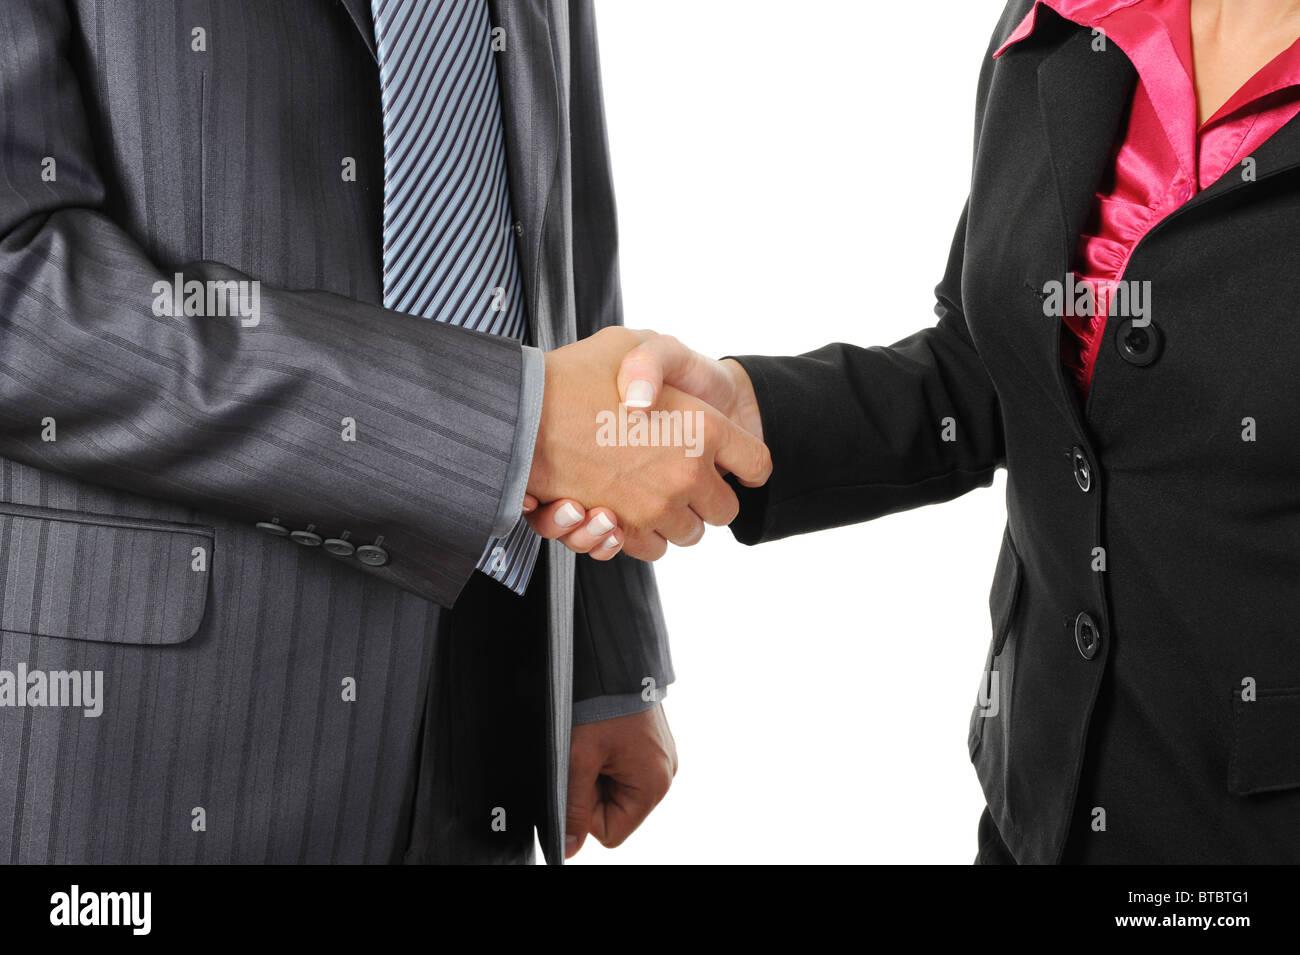 token gesture - Stock Image